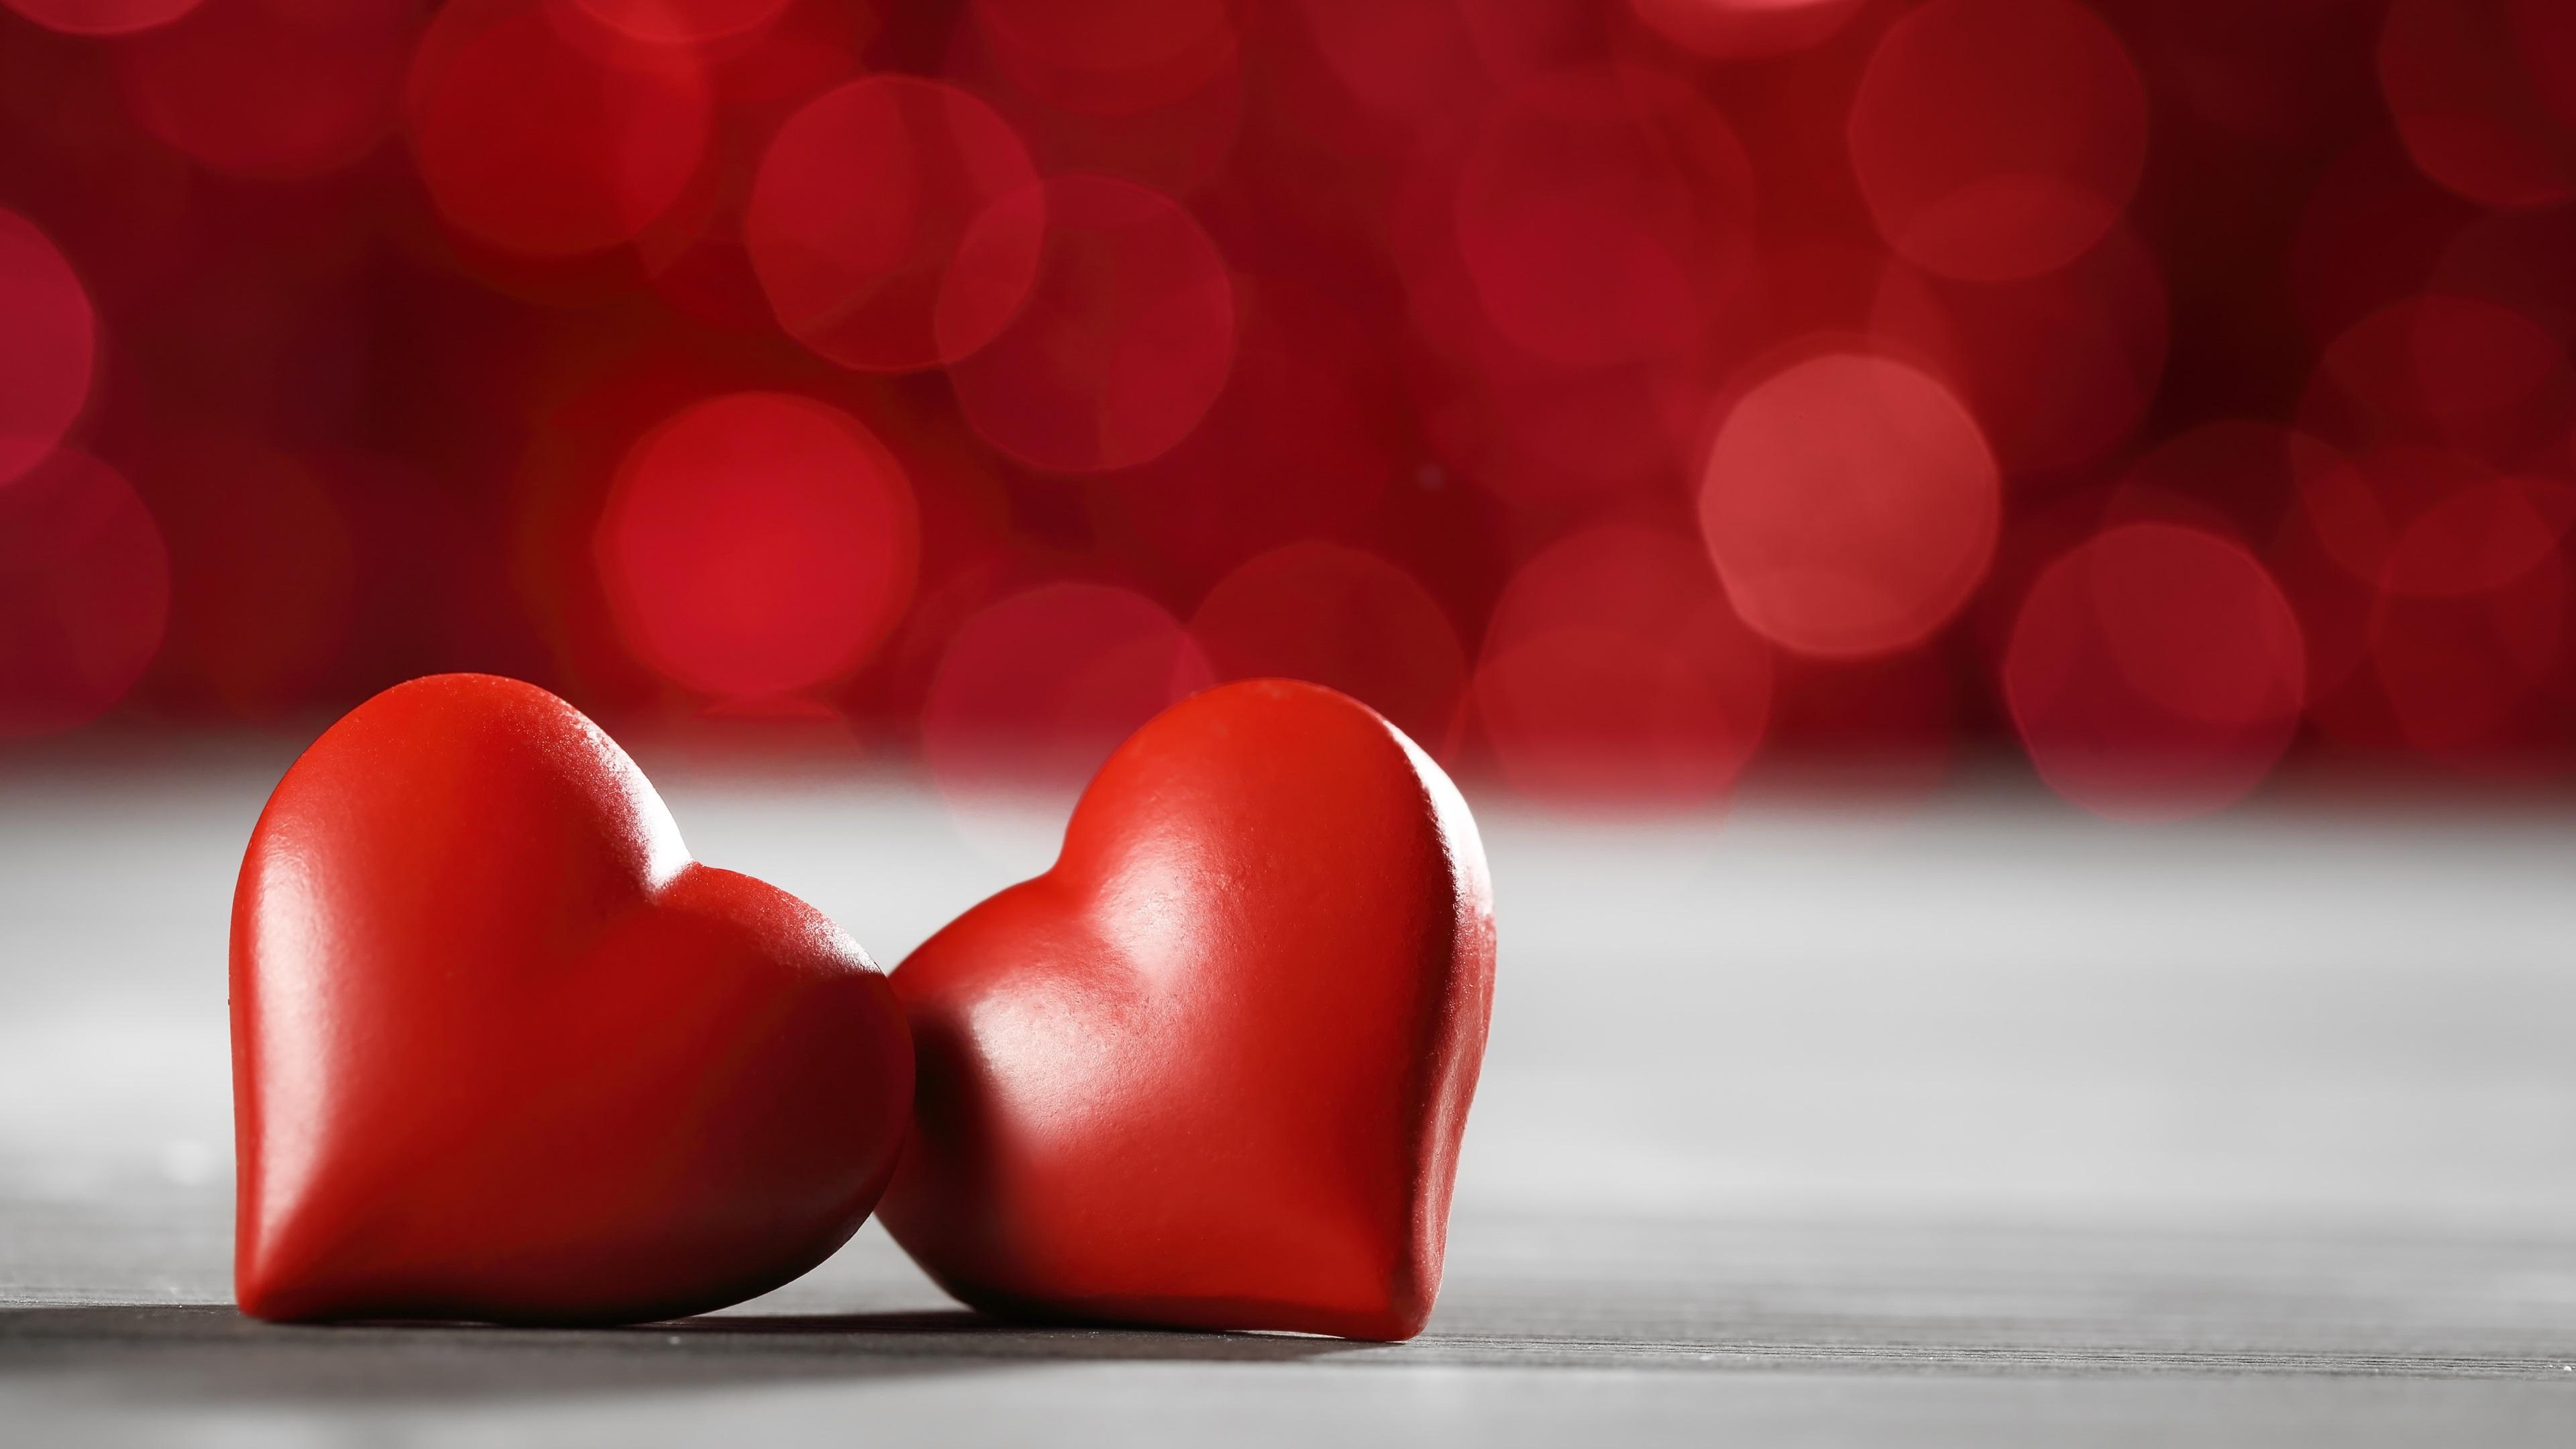 Corazones Fondo De Pantalla: Dos Corazones De Amor, Estilo Rojo Fondos De Pantalla